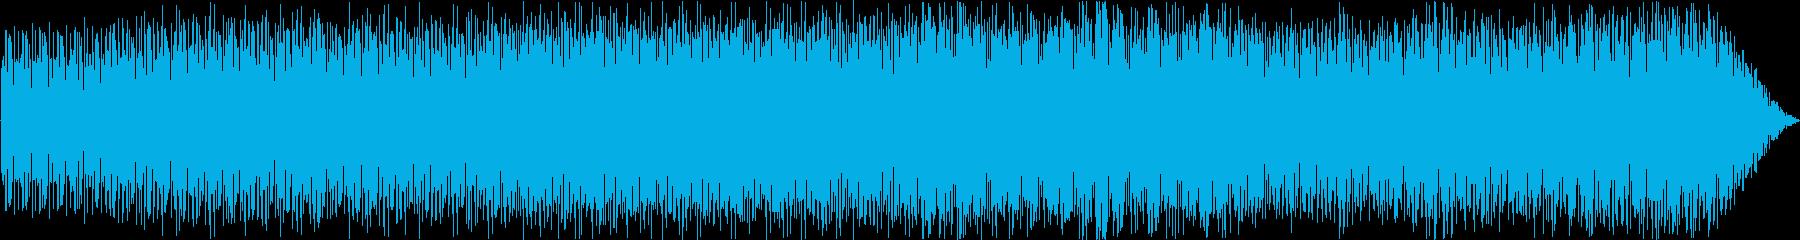 ギターロック-ダンスハウスの溝。ギ...の再生済みの波形